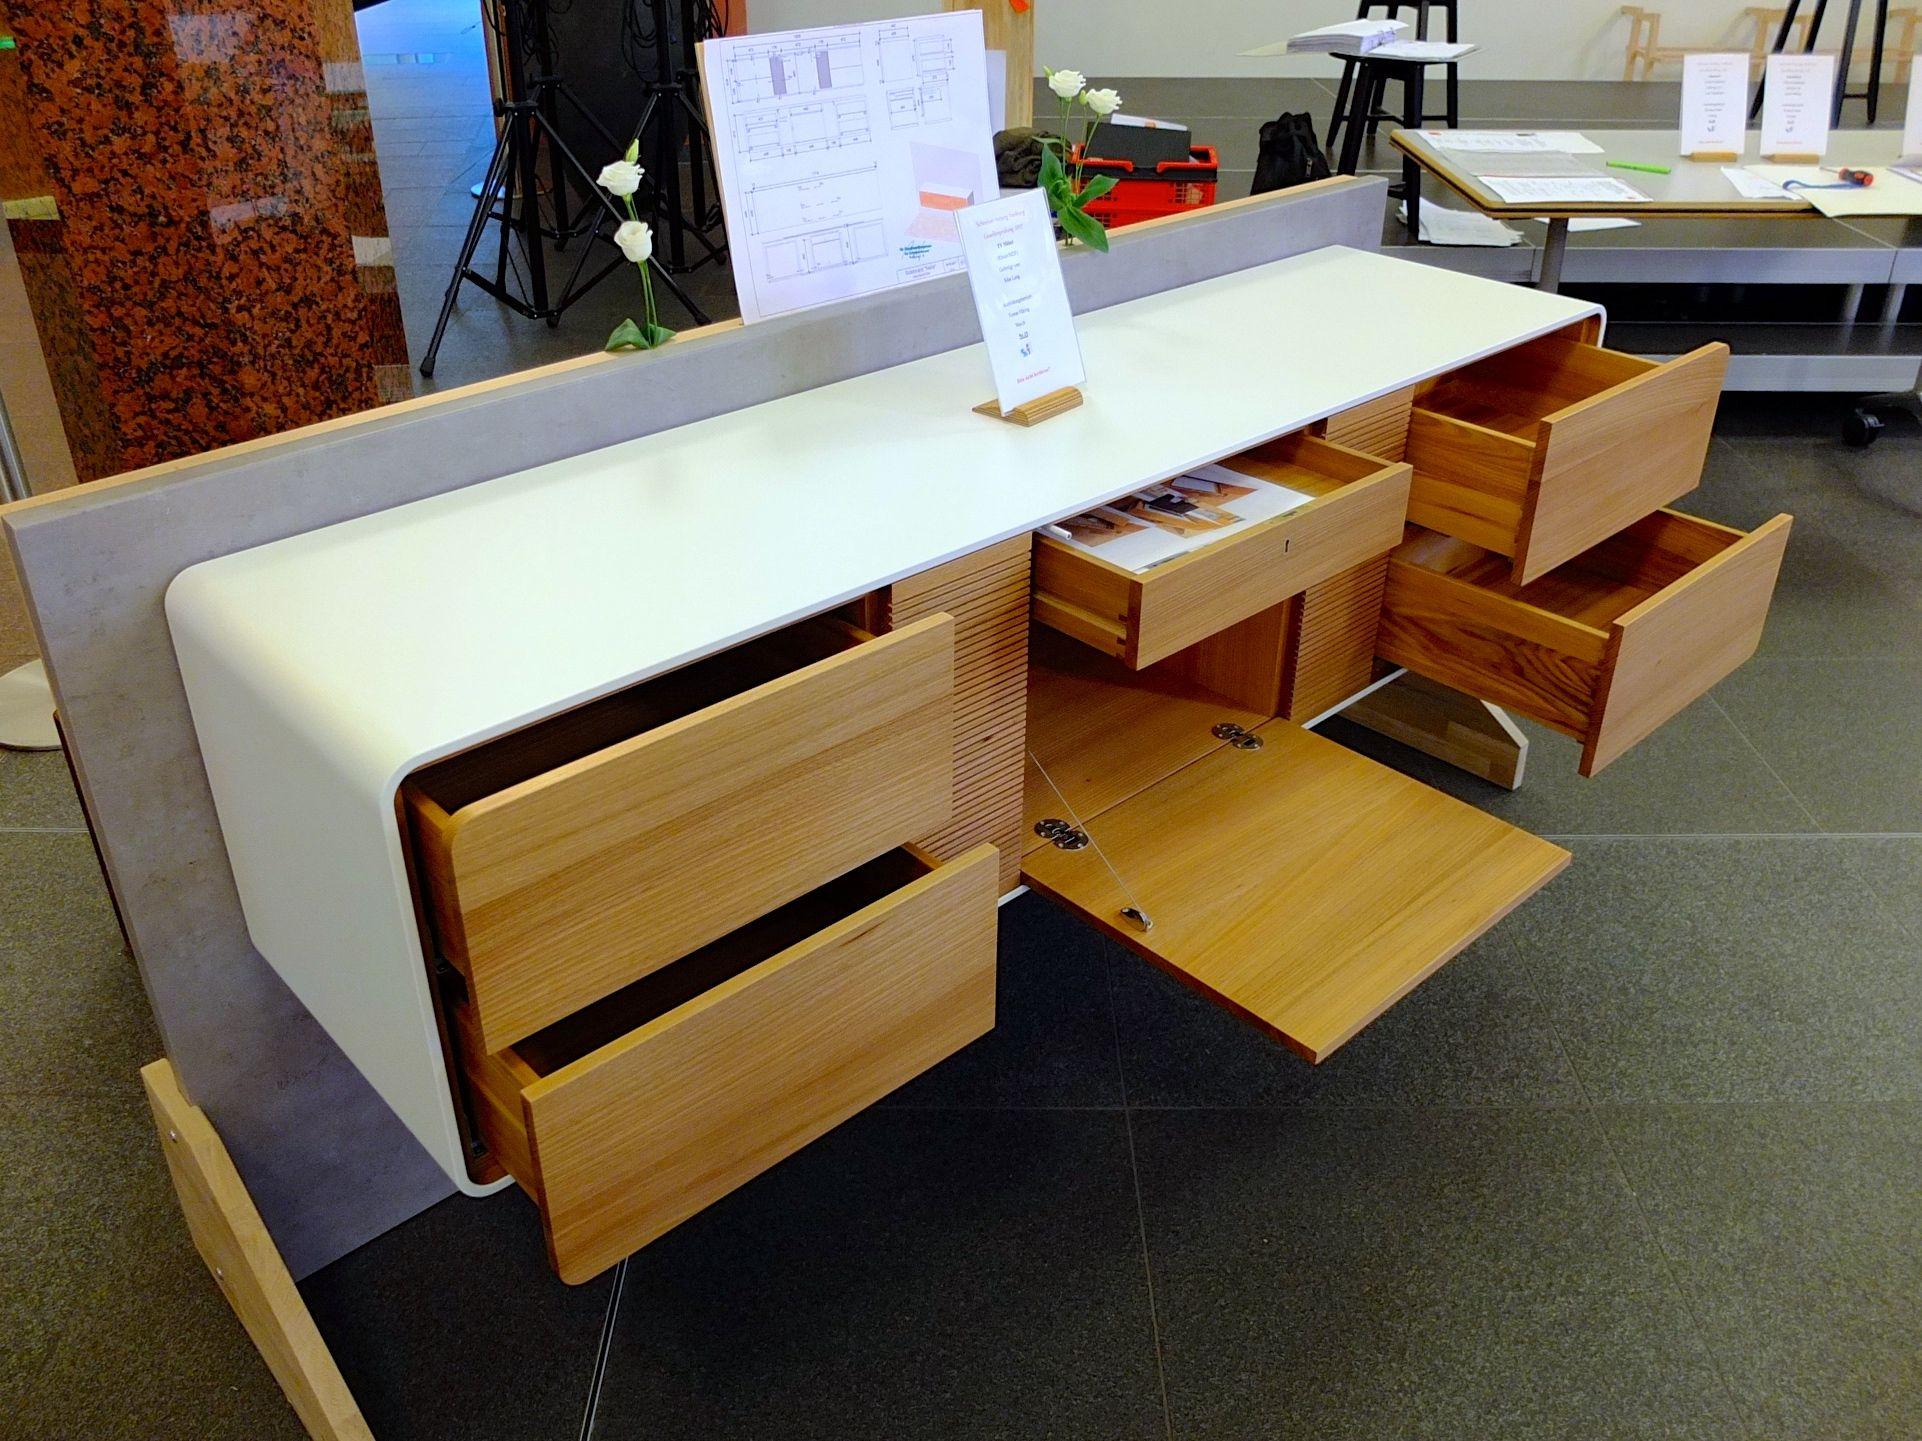 Credenza Sospesa Ikea : Sideboard runde ecken. con le sue linee essenziali e colori neutri